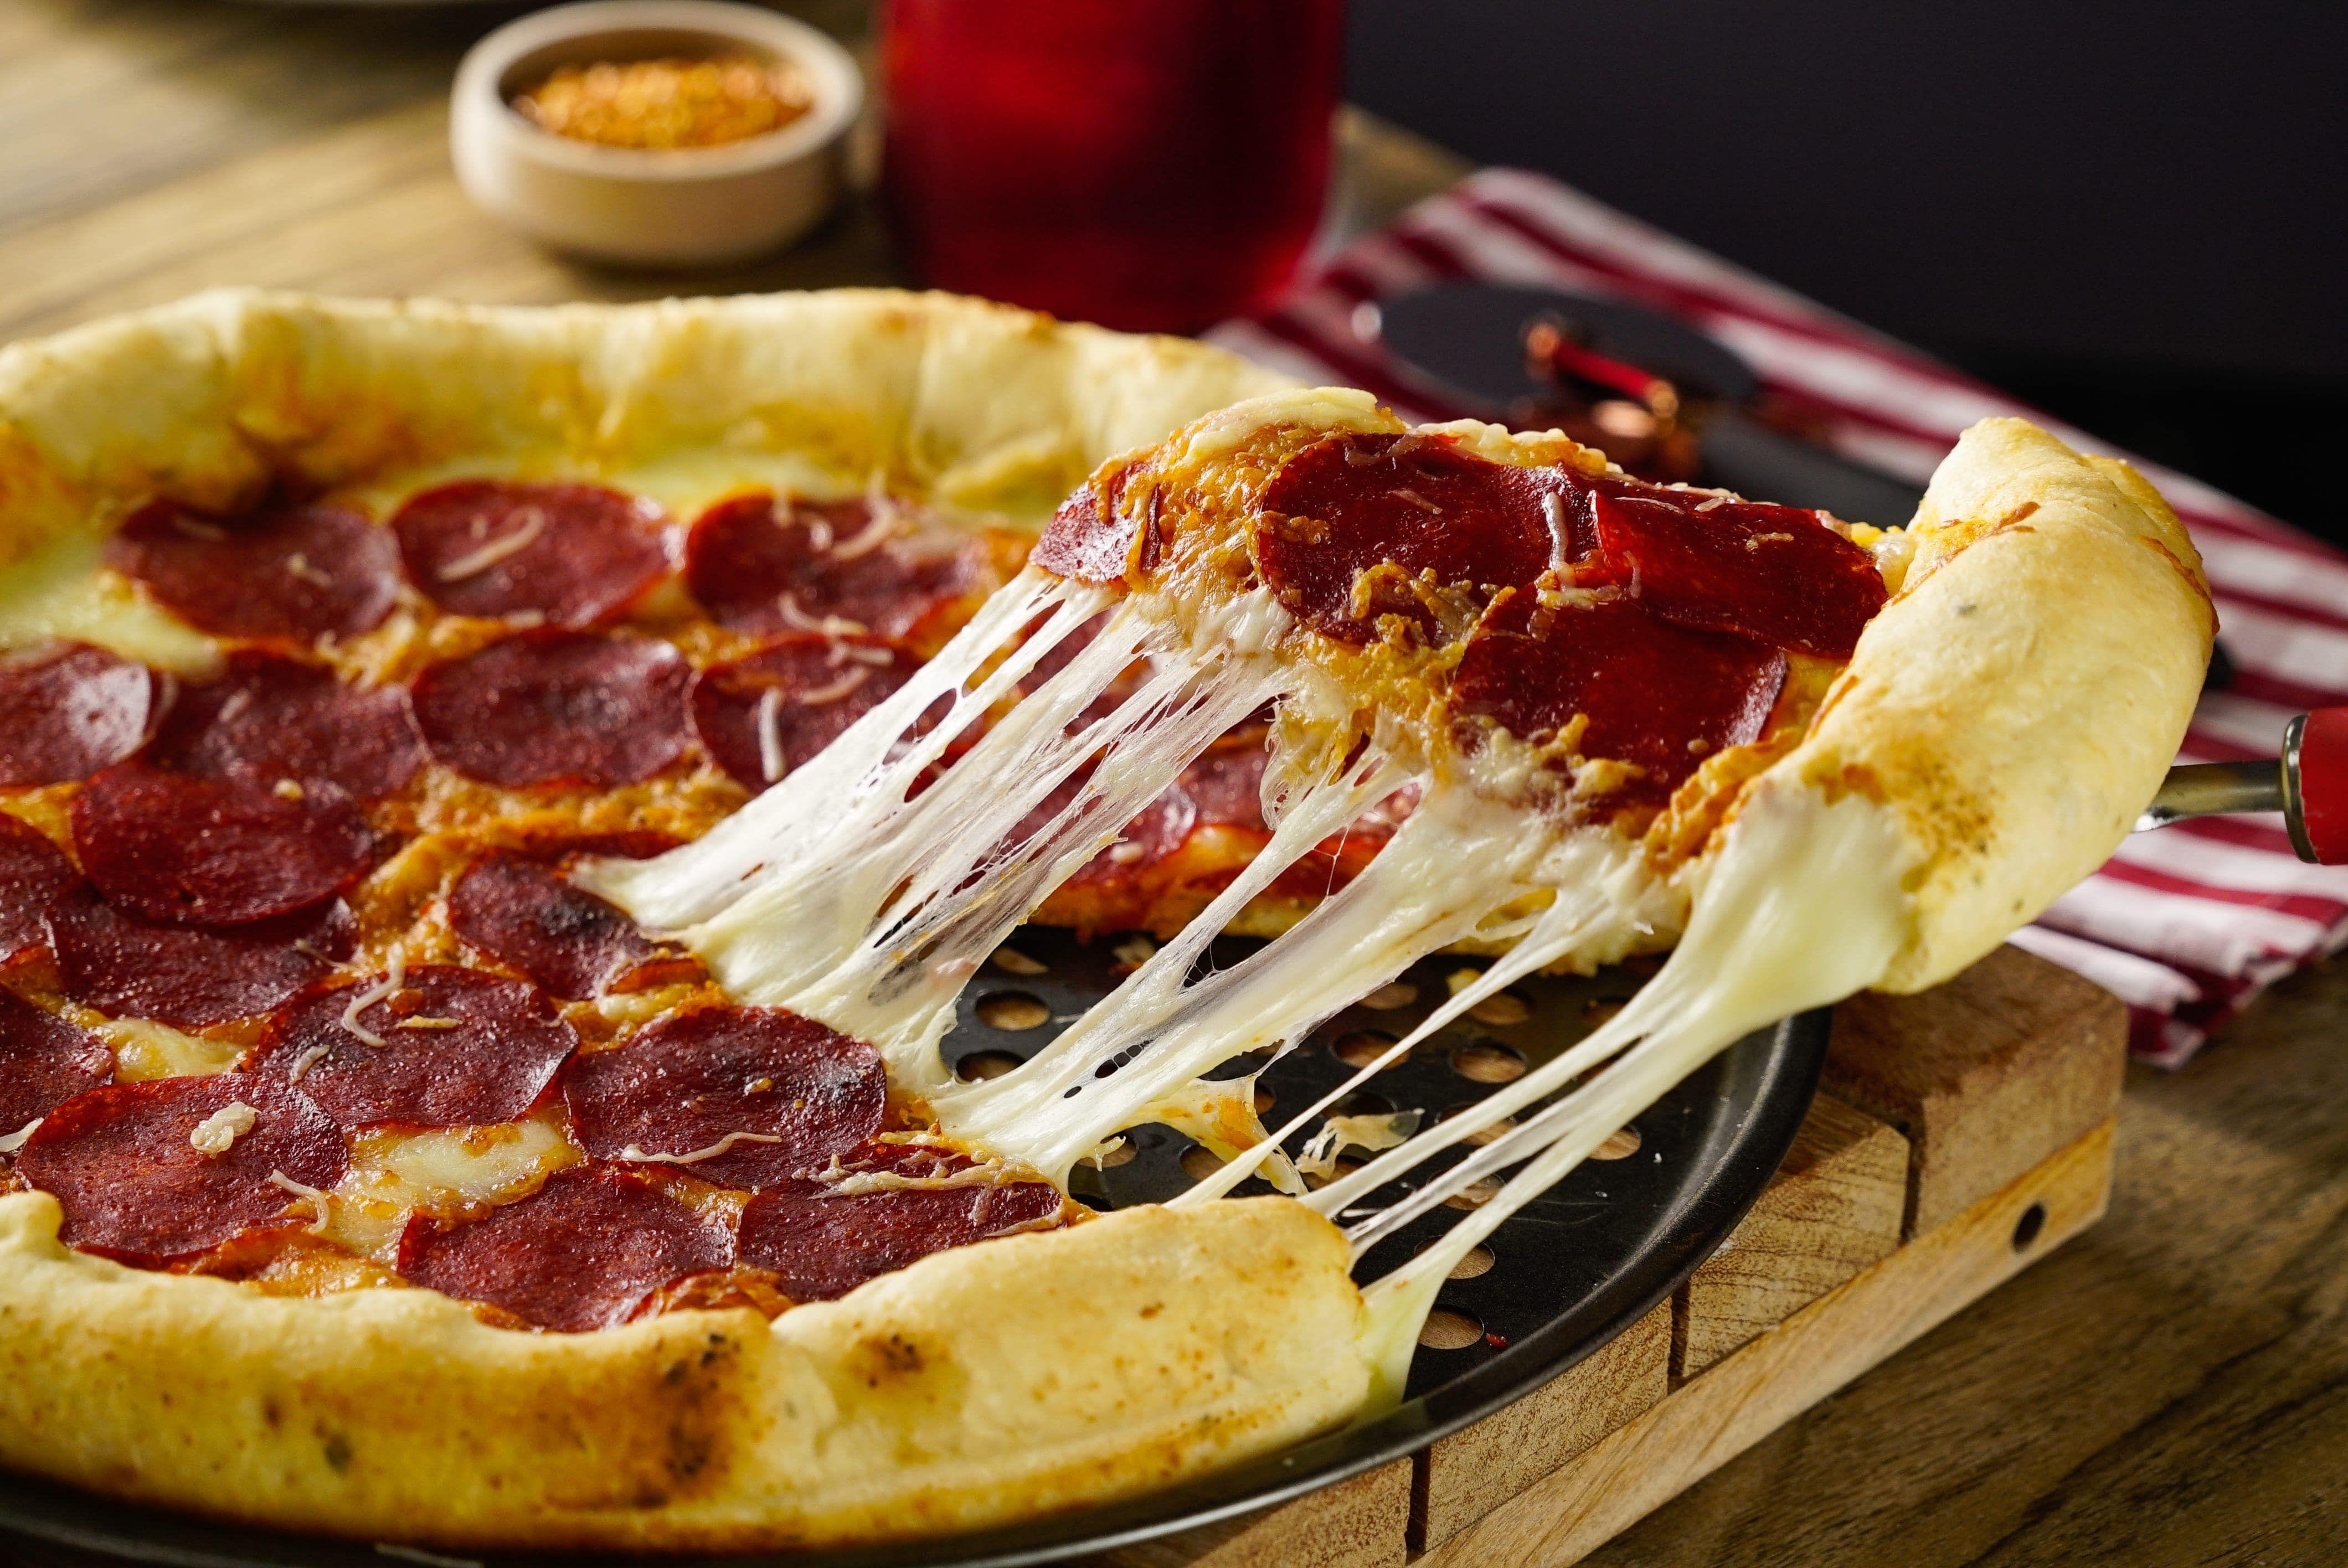 Pizza De Pepperoni Con Orilla De Queso Receta Recetas De Pizza